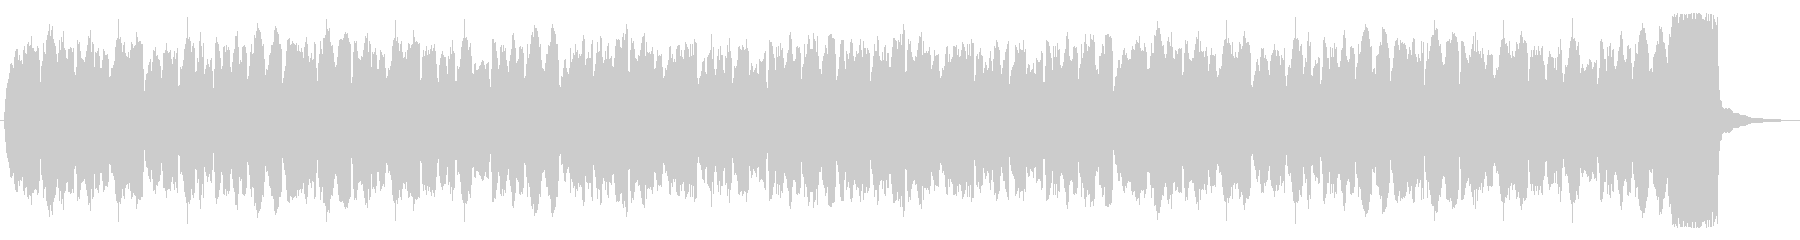 パイプオルガンの奏でる悲しい旋律の未再生の波形